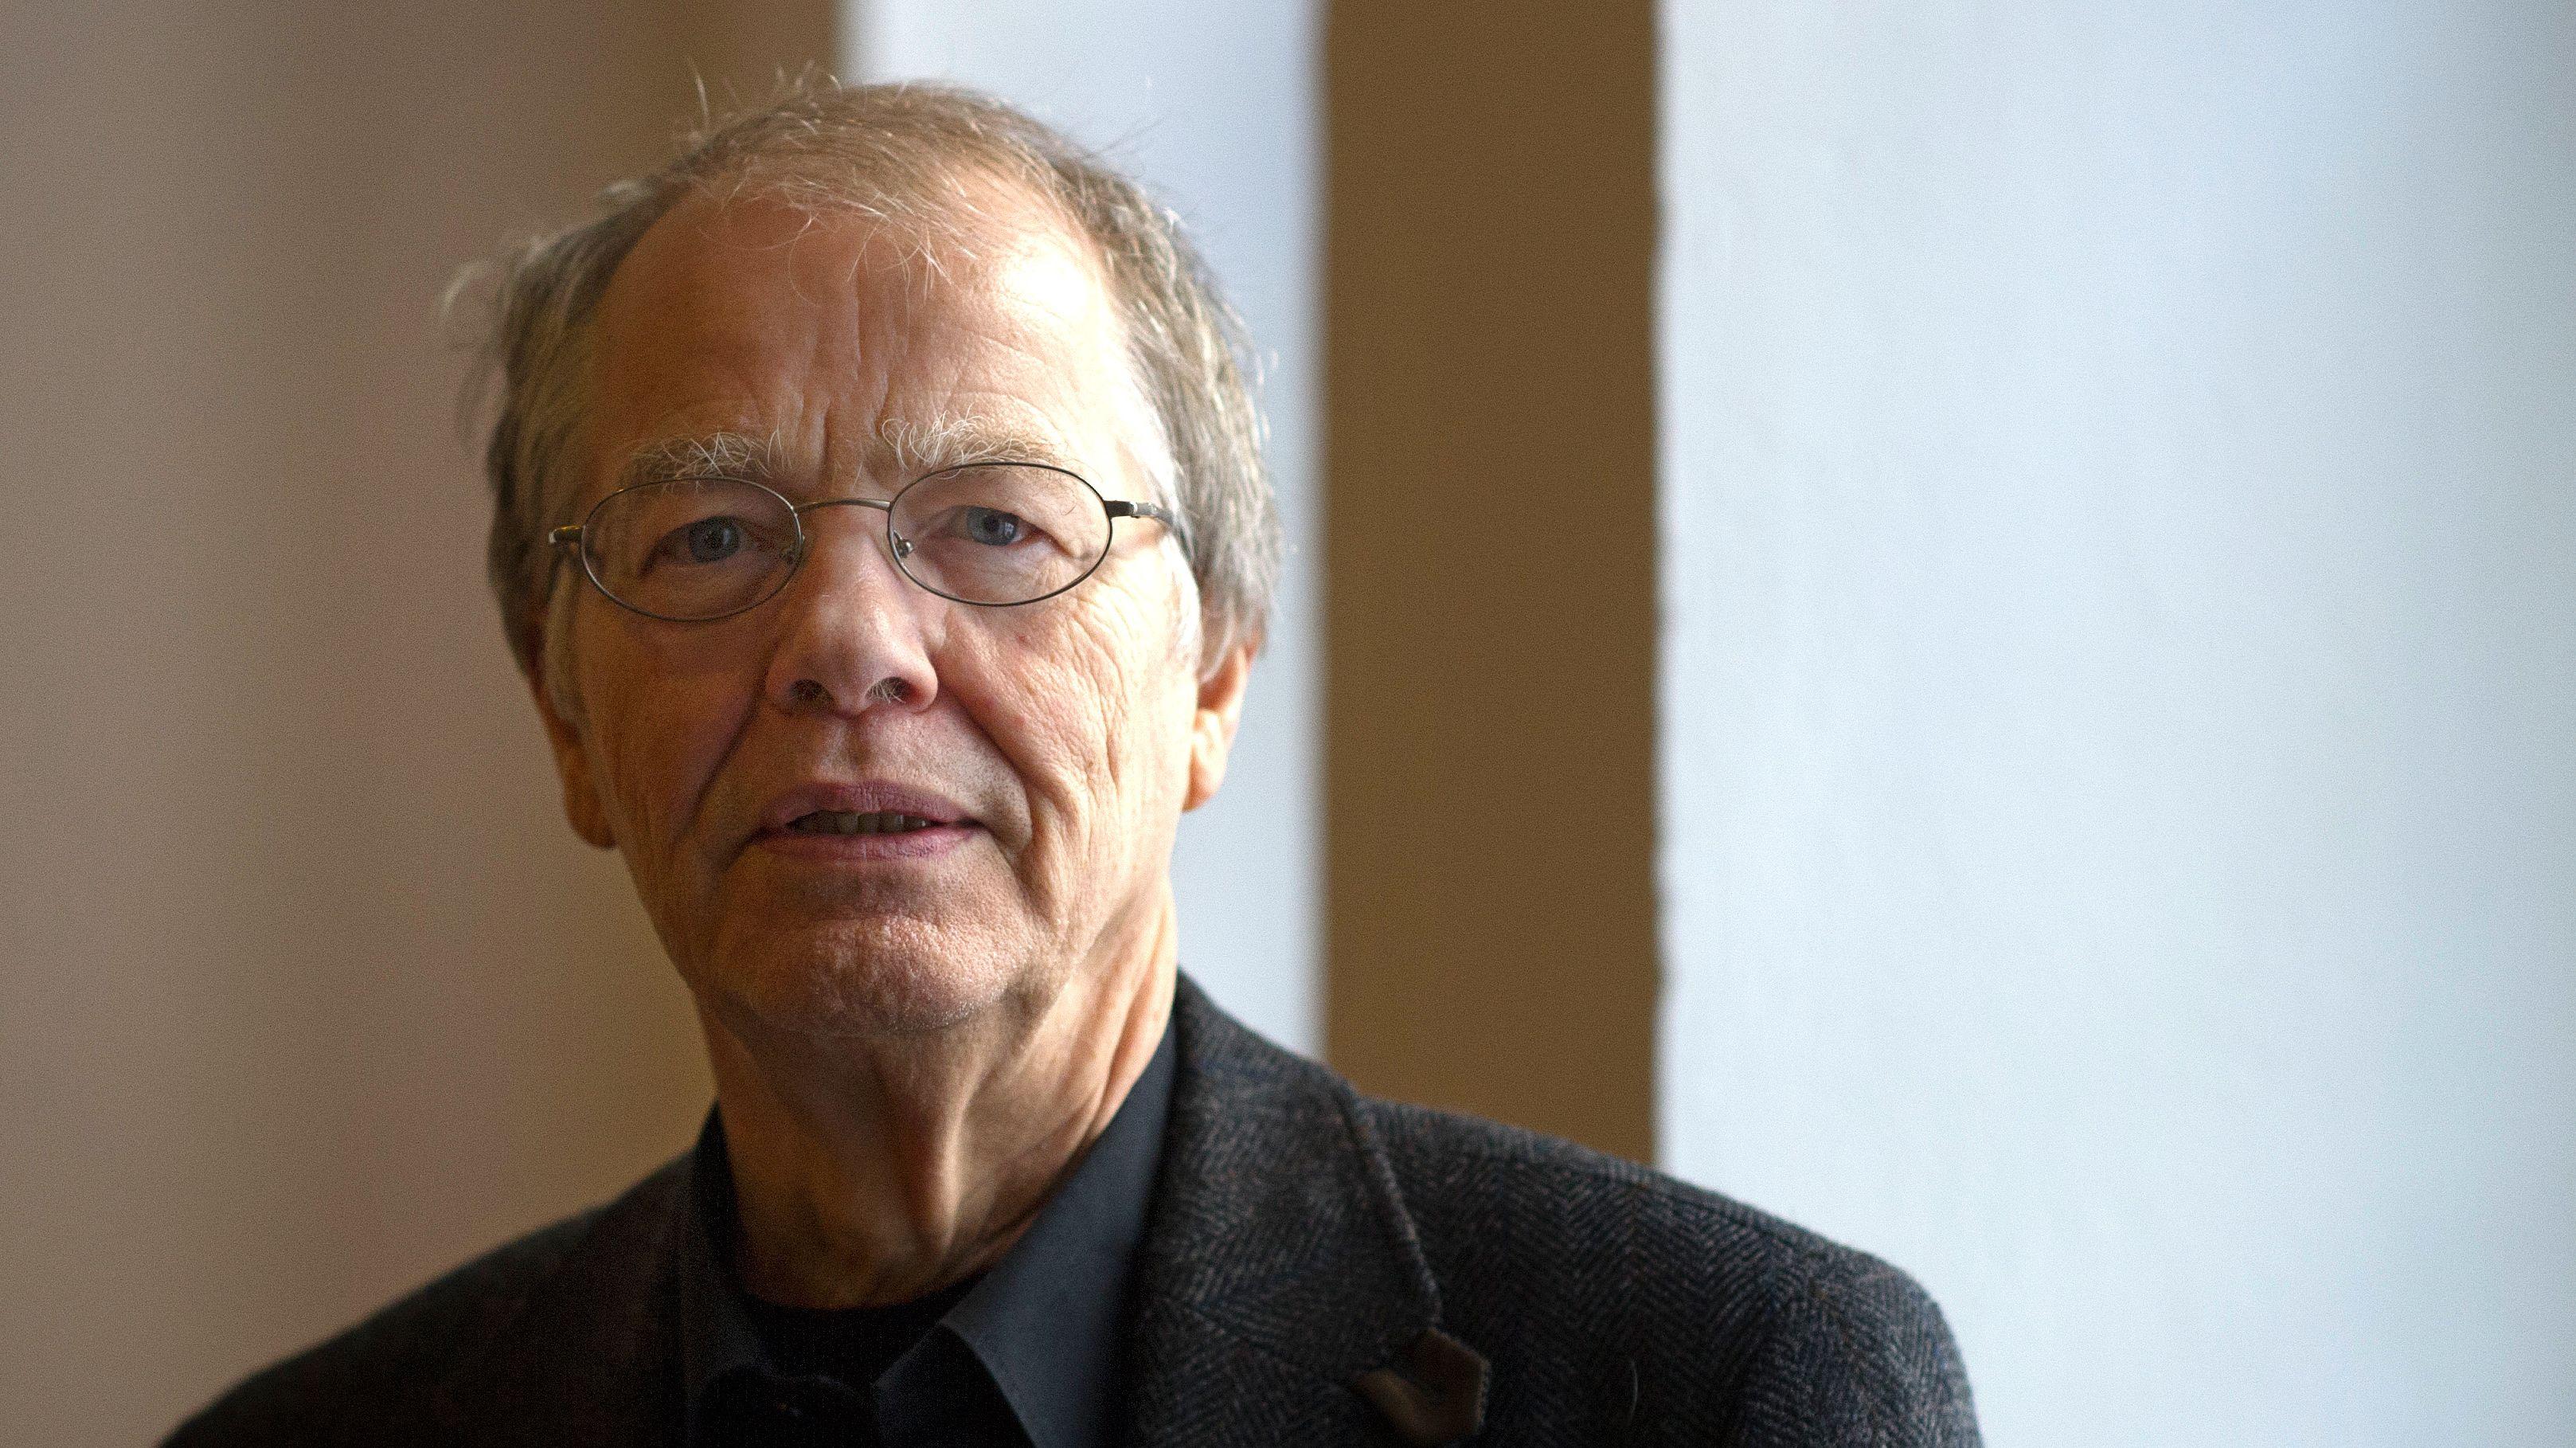 Volker Braun 2012 bei der Bekanntgabe der Preisträger des Kunstpreises der Landeshauptstadt Dresden im Kulturrathaus in Dresden.